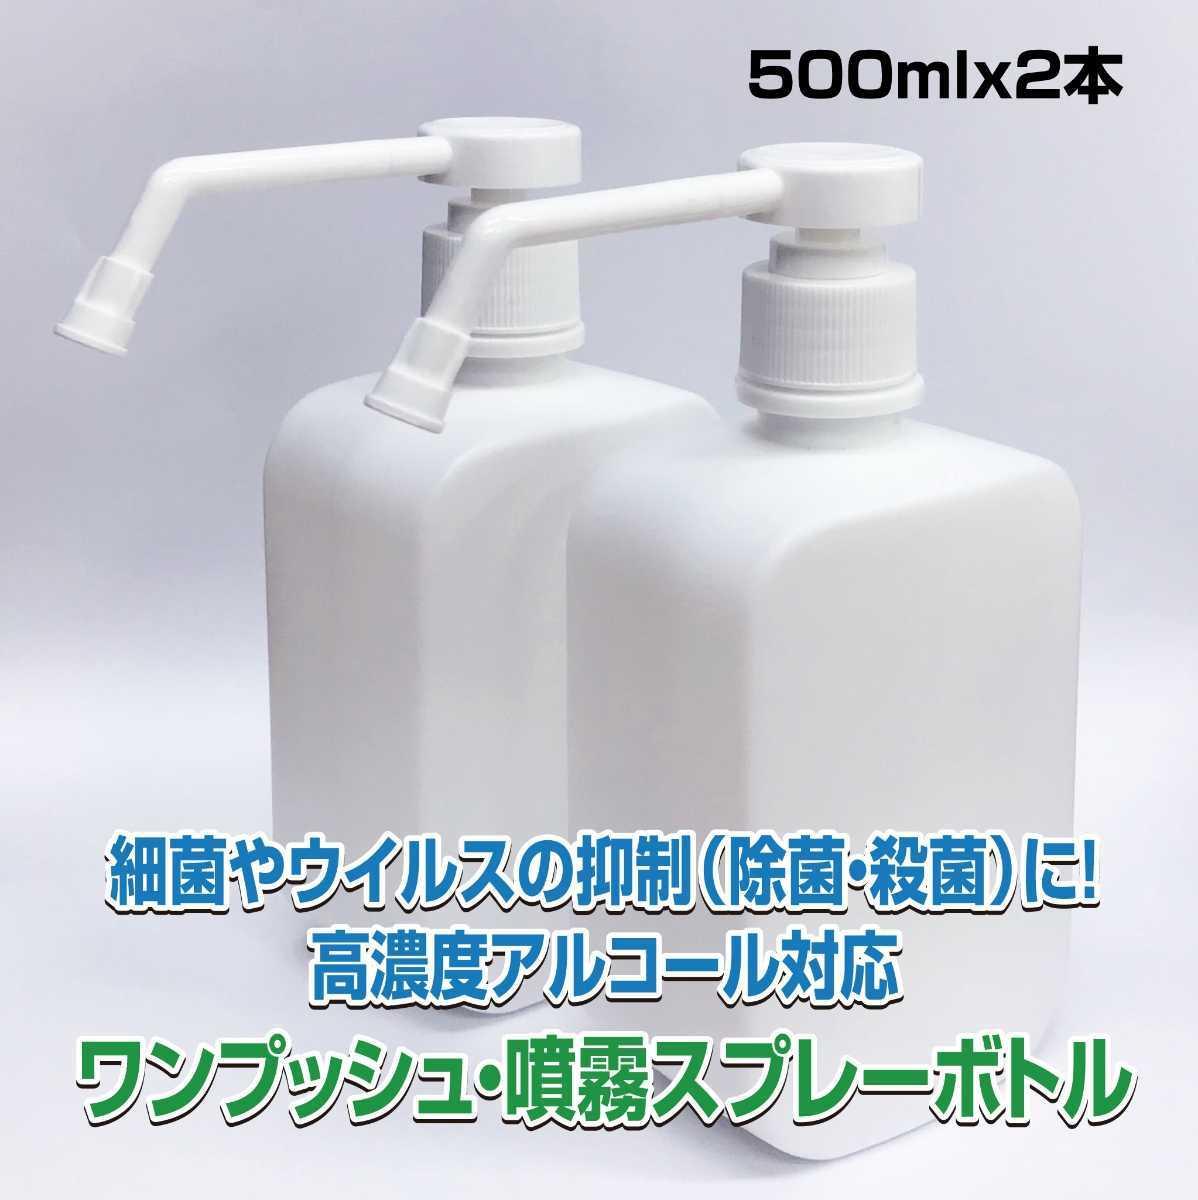 【新品・PE/空容器】噴霧式スプレーボトル 500ml 2本セット PE/アルコール可 パストリーゼ77 高濃度アルコール※複数あり_画像1